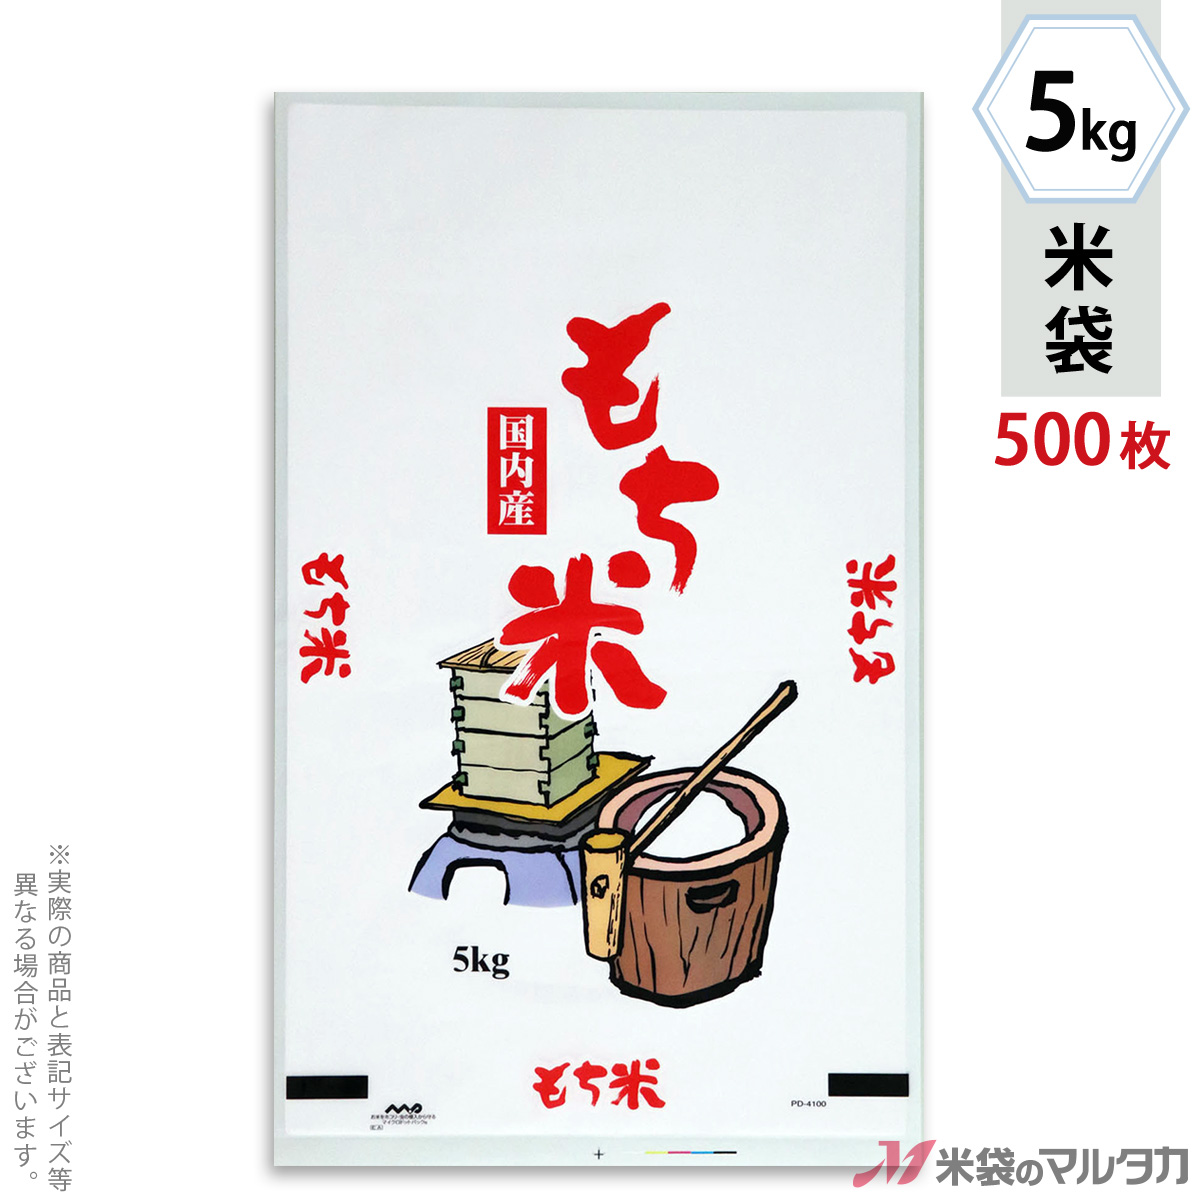 米袋 ポリ乳白 マイクロドット もち米 せいろ 5kg 1ケース(500枚入) PD-4100